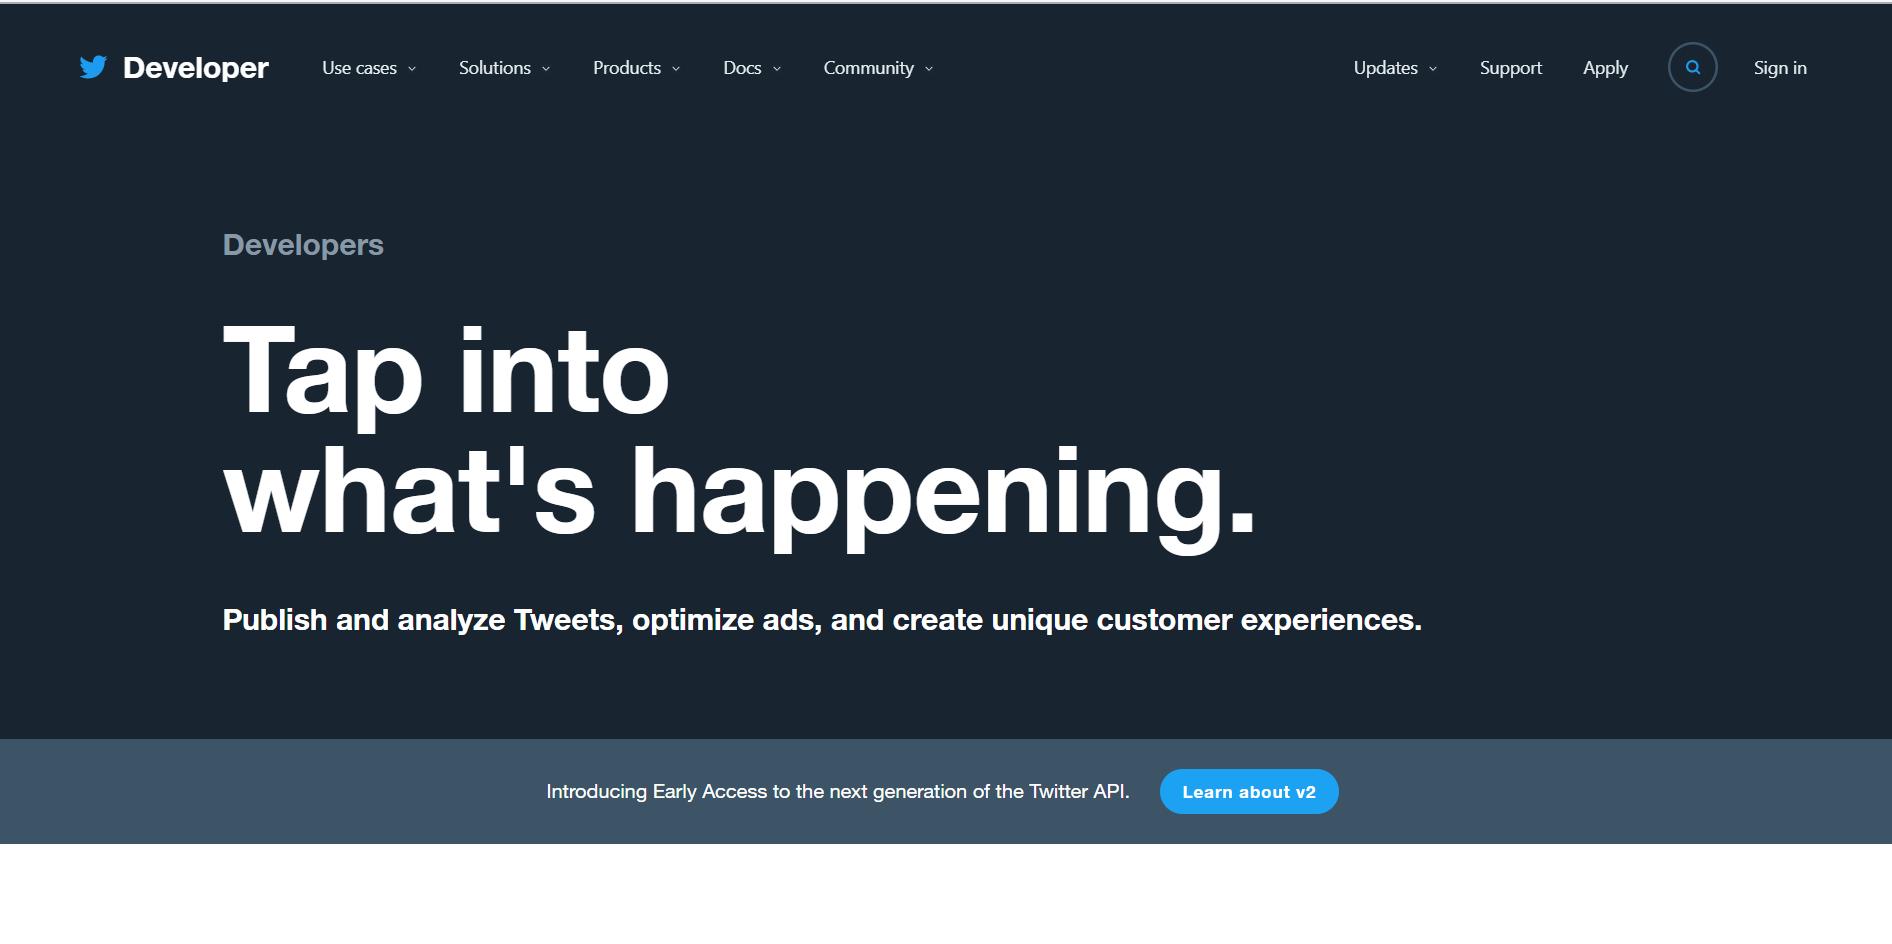 صفحه توسعه دهندگان توییتر